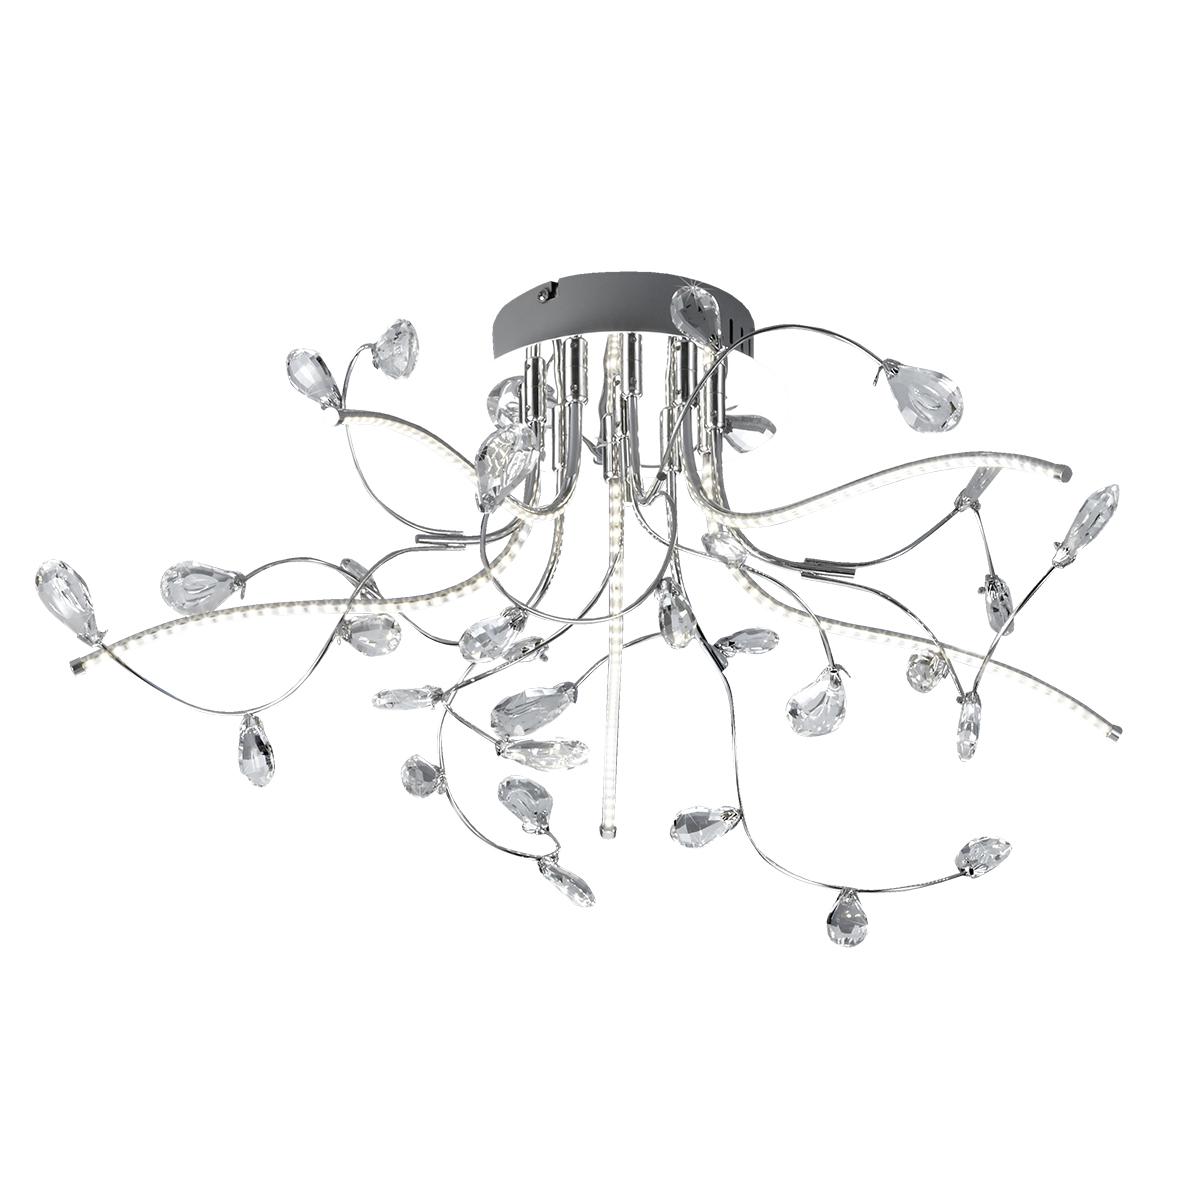 B-Leuchten Crystal LED Deckenleuchte, Ø: 54 cm 70326/540-02